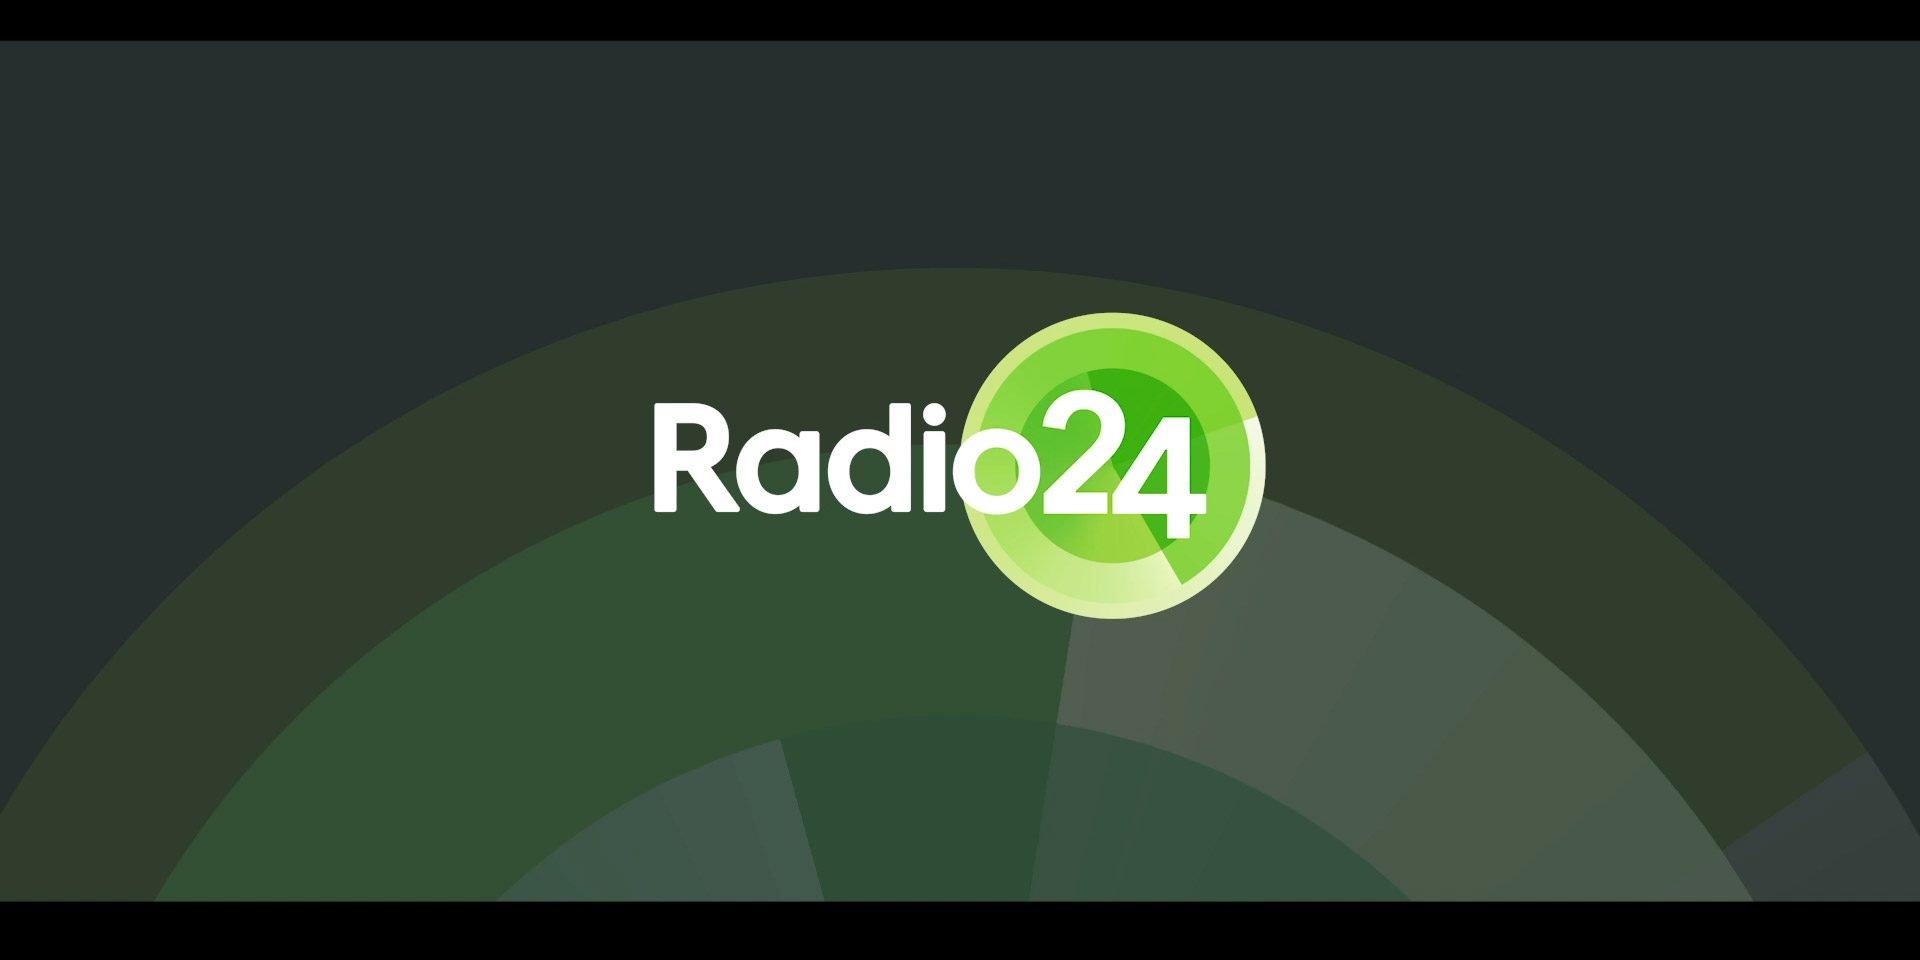 Presentazione del nuovo sito web di Radio 24